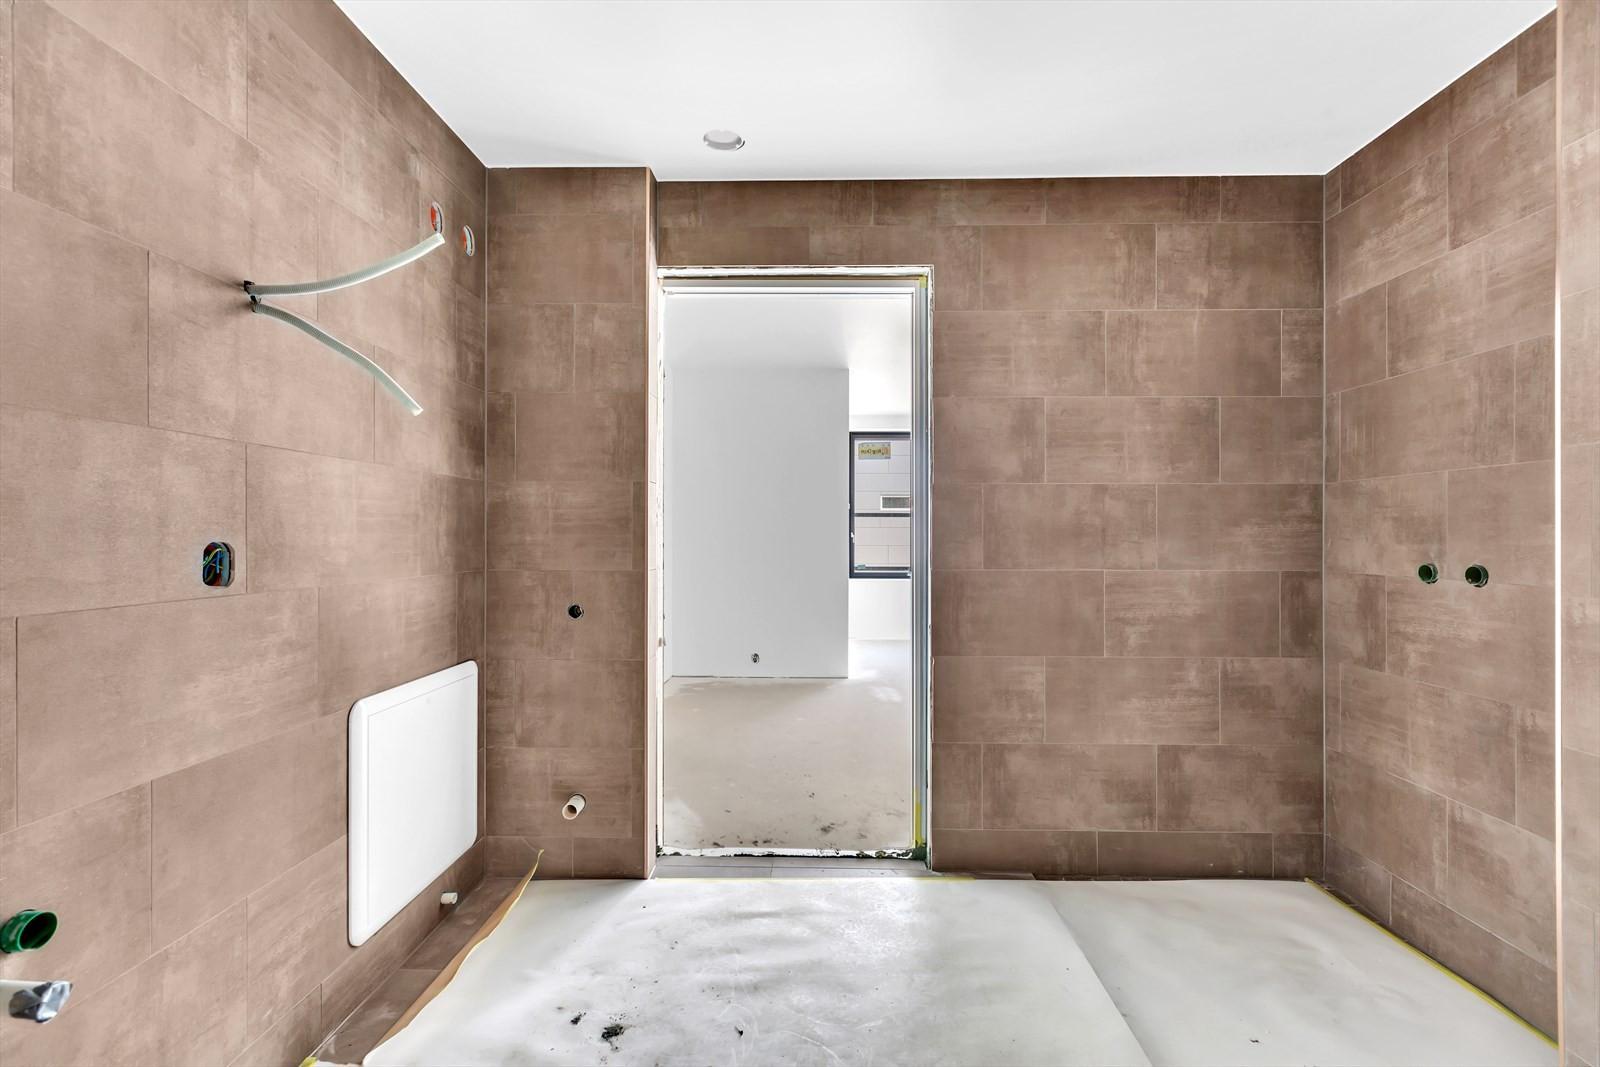 Baderom med delikate fliser, vegghengt toalett, vask med hvitt underskap, speil med lys, dusj med sammen foldbare glassdører. Veggfliser i 60*40, gulvfliser, Gulvfliser i 60*60, i dusjnisje fliser i 10*10